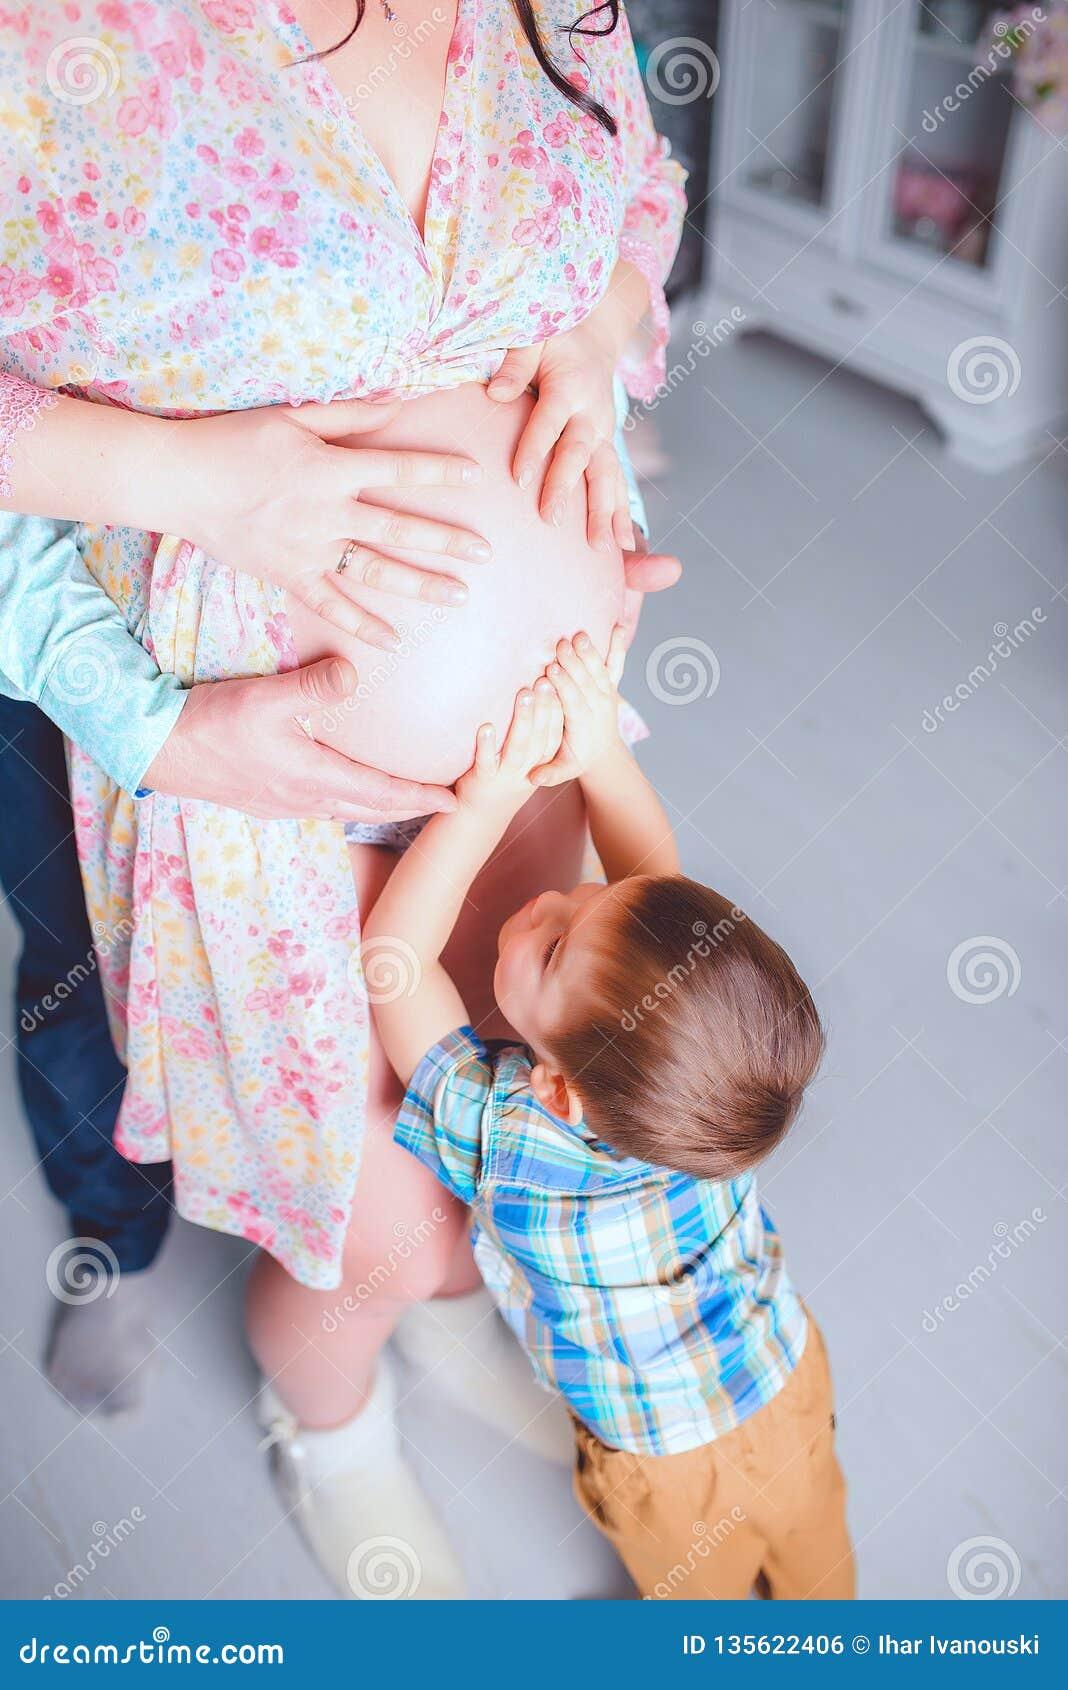 Attendant sa soeur, le garçon touche son ventre